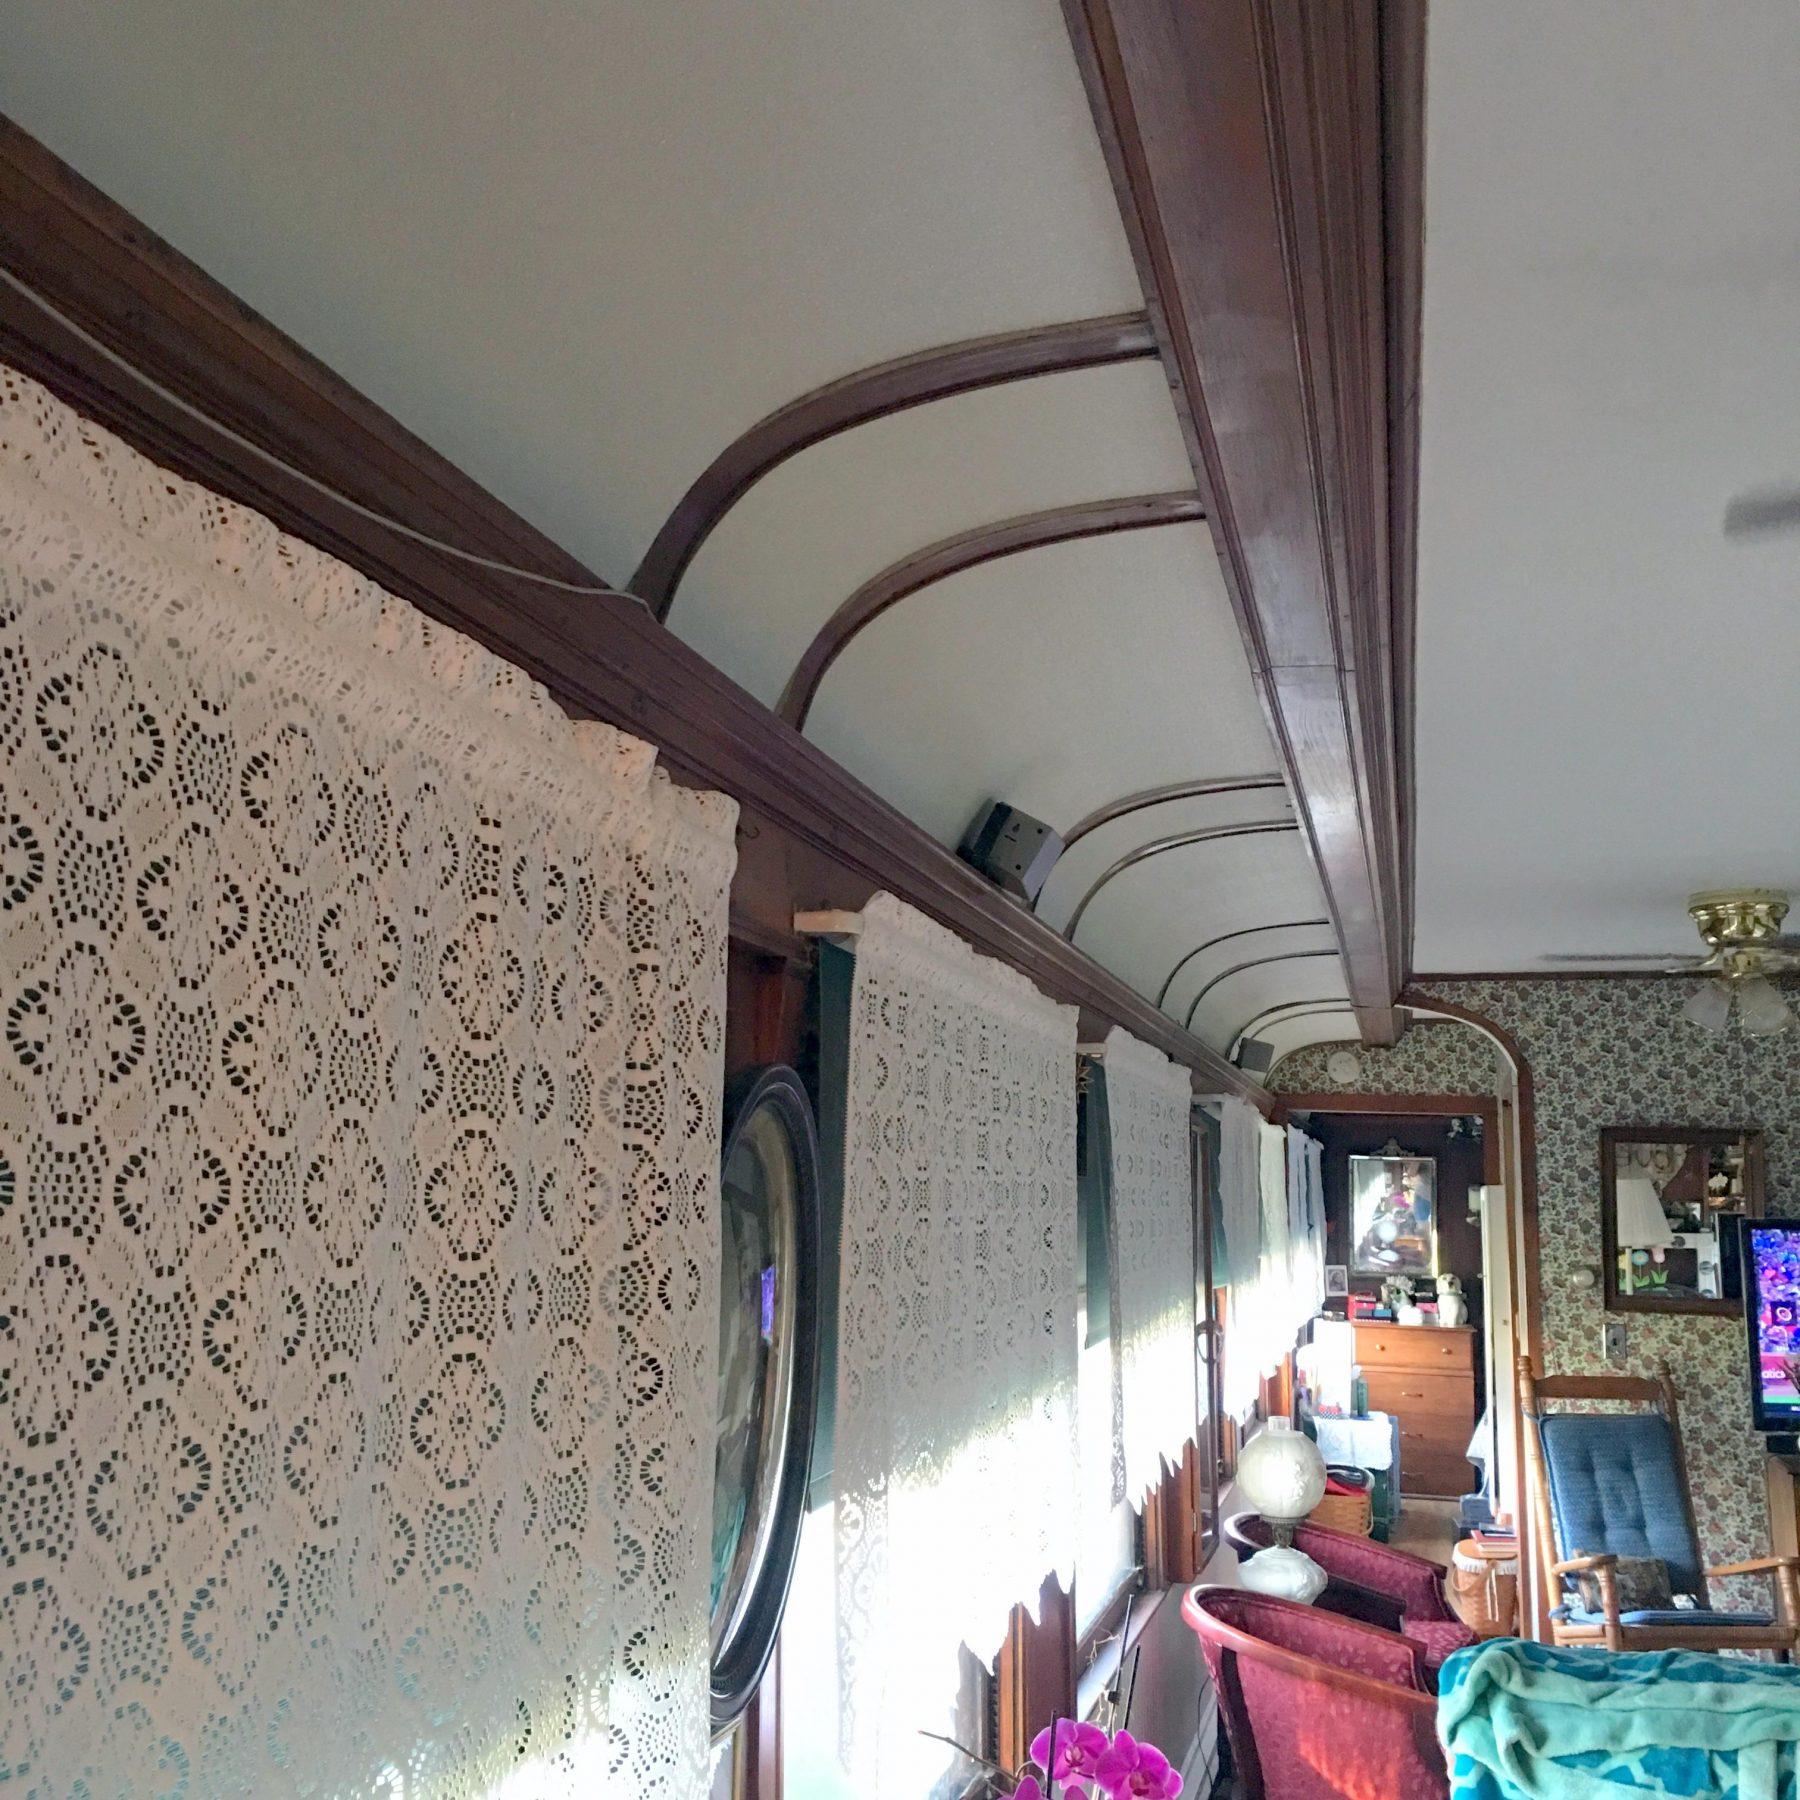 Maxson dome ceiling